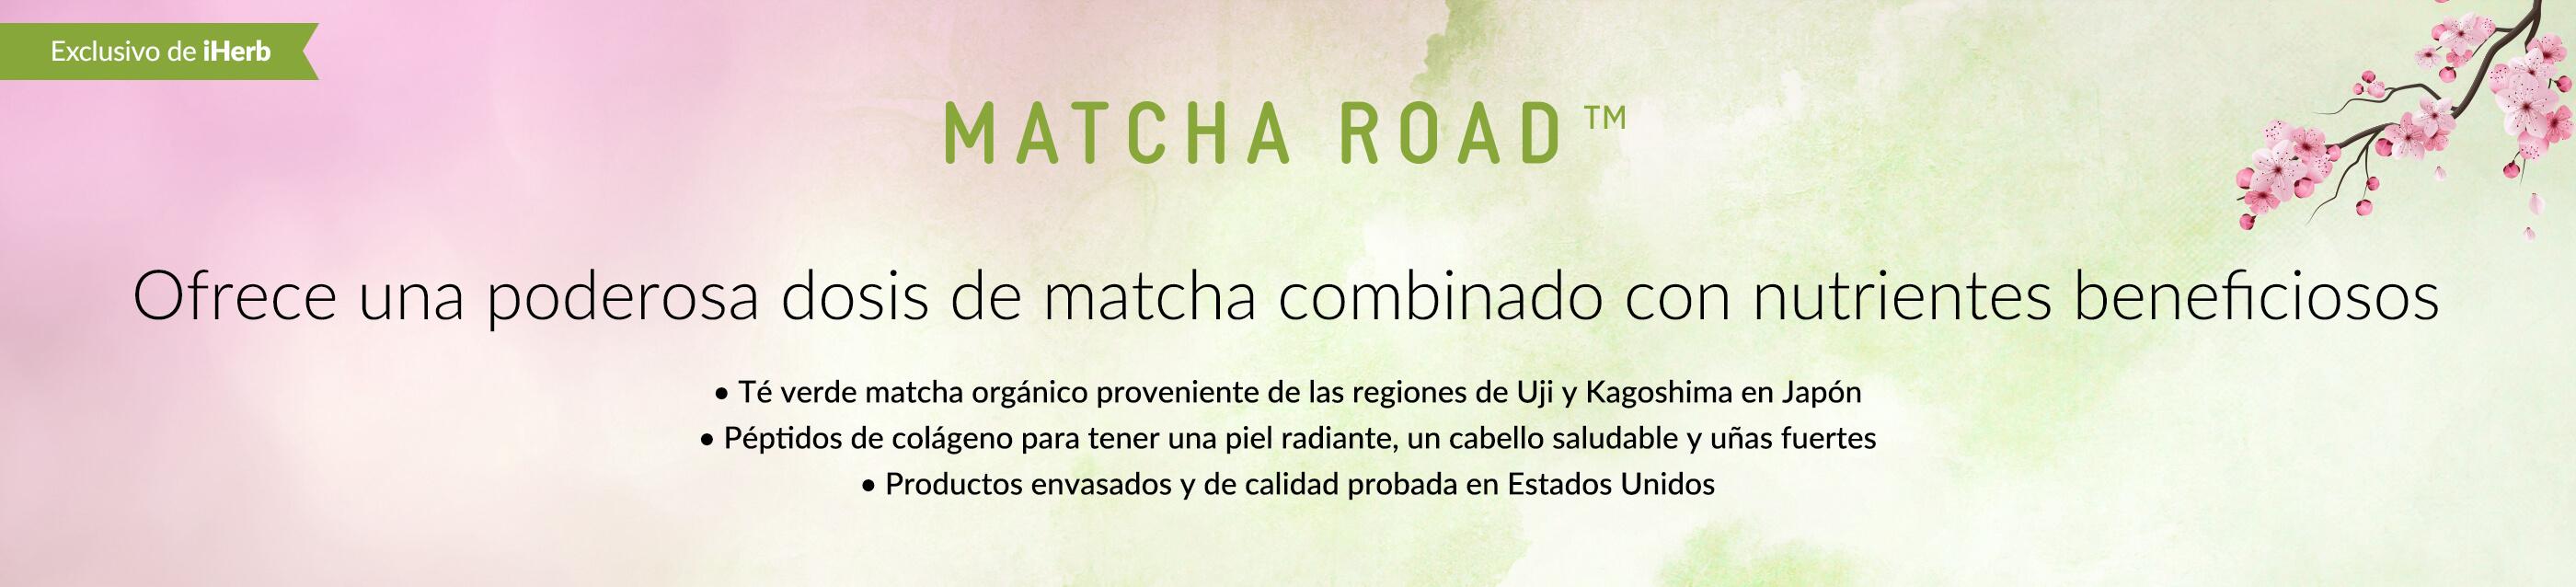 Matcha Road main banner